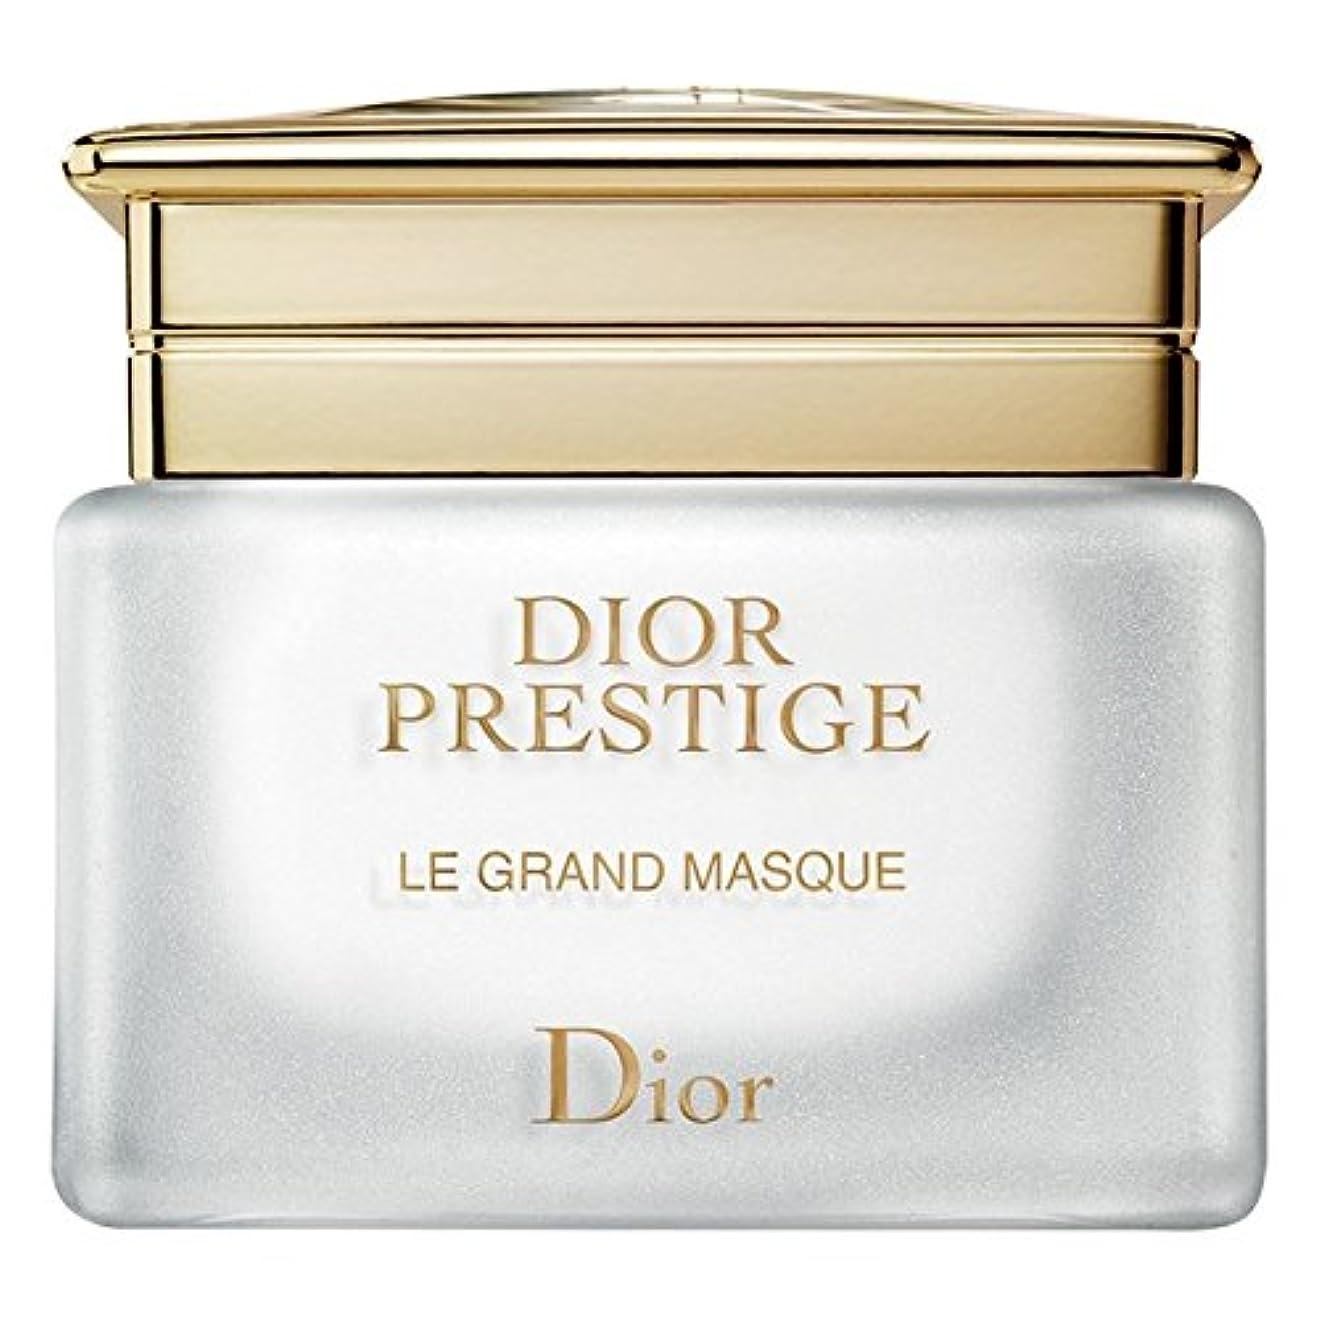 宿泊施設可愛い仕える[Dior] ディオールプレステージルグラン仮面の50ミリリットル - Dior Prestige Le Grand Masque 50ml [並行輸入品]